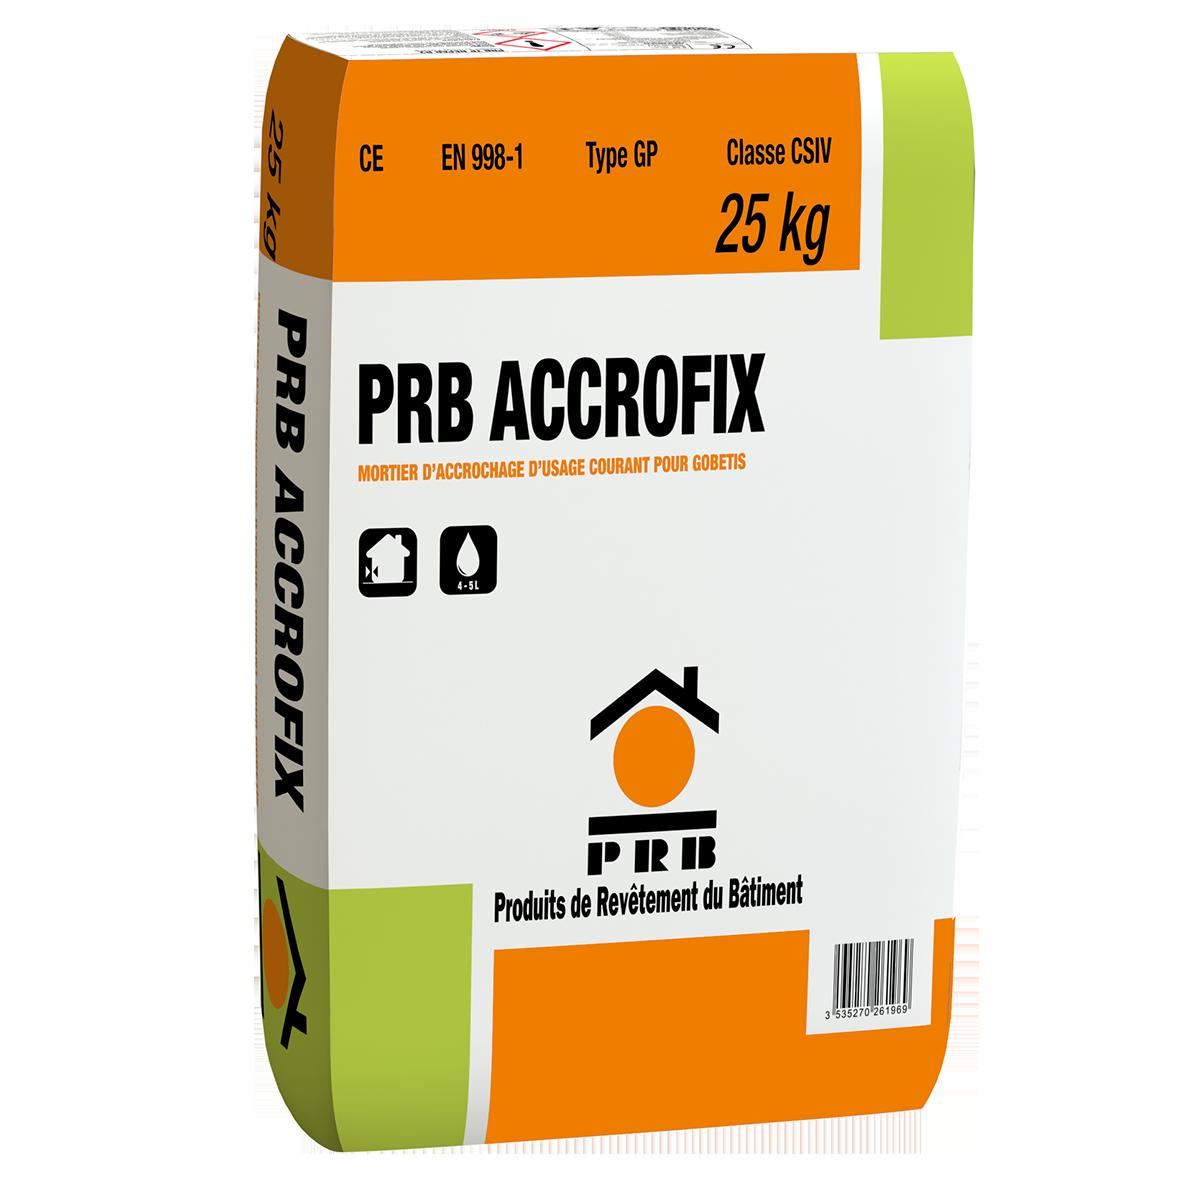 PRB ACCROFIX  25 KG